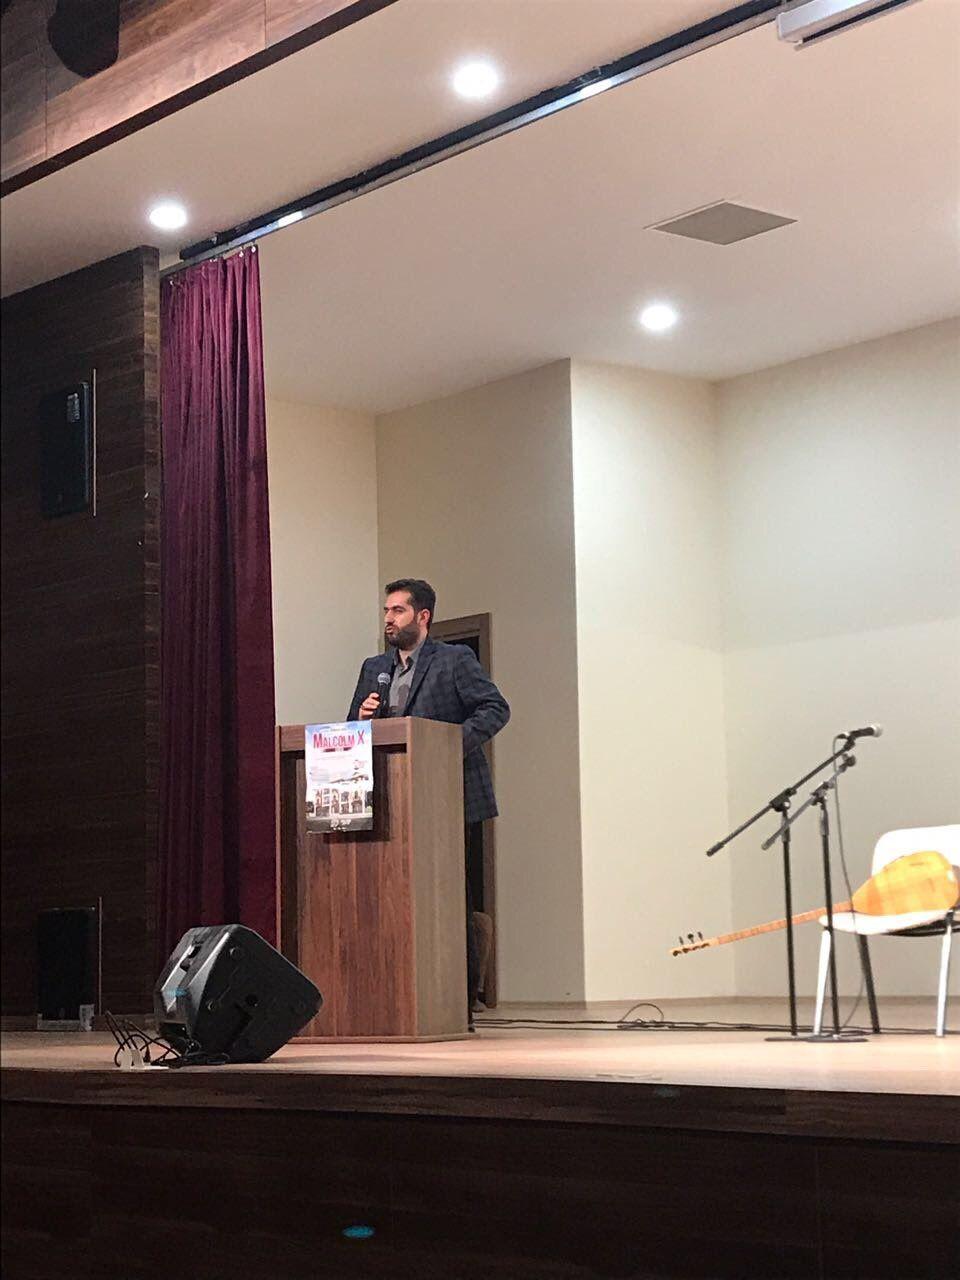 RT @ihhgenc: Kartal Anadolu İmam-Hatip Lisesi öğrencilerinin düzenlediği MalcolmX Yardım Gecesi'ne misafir olduk. Kardeşlerimize https://t.co/GKFbkGULS5